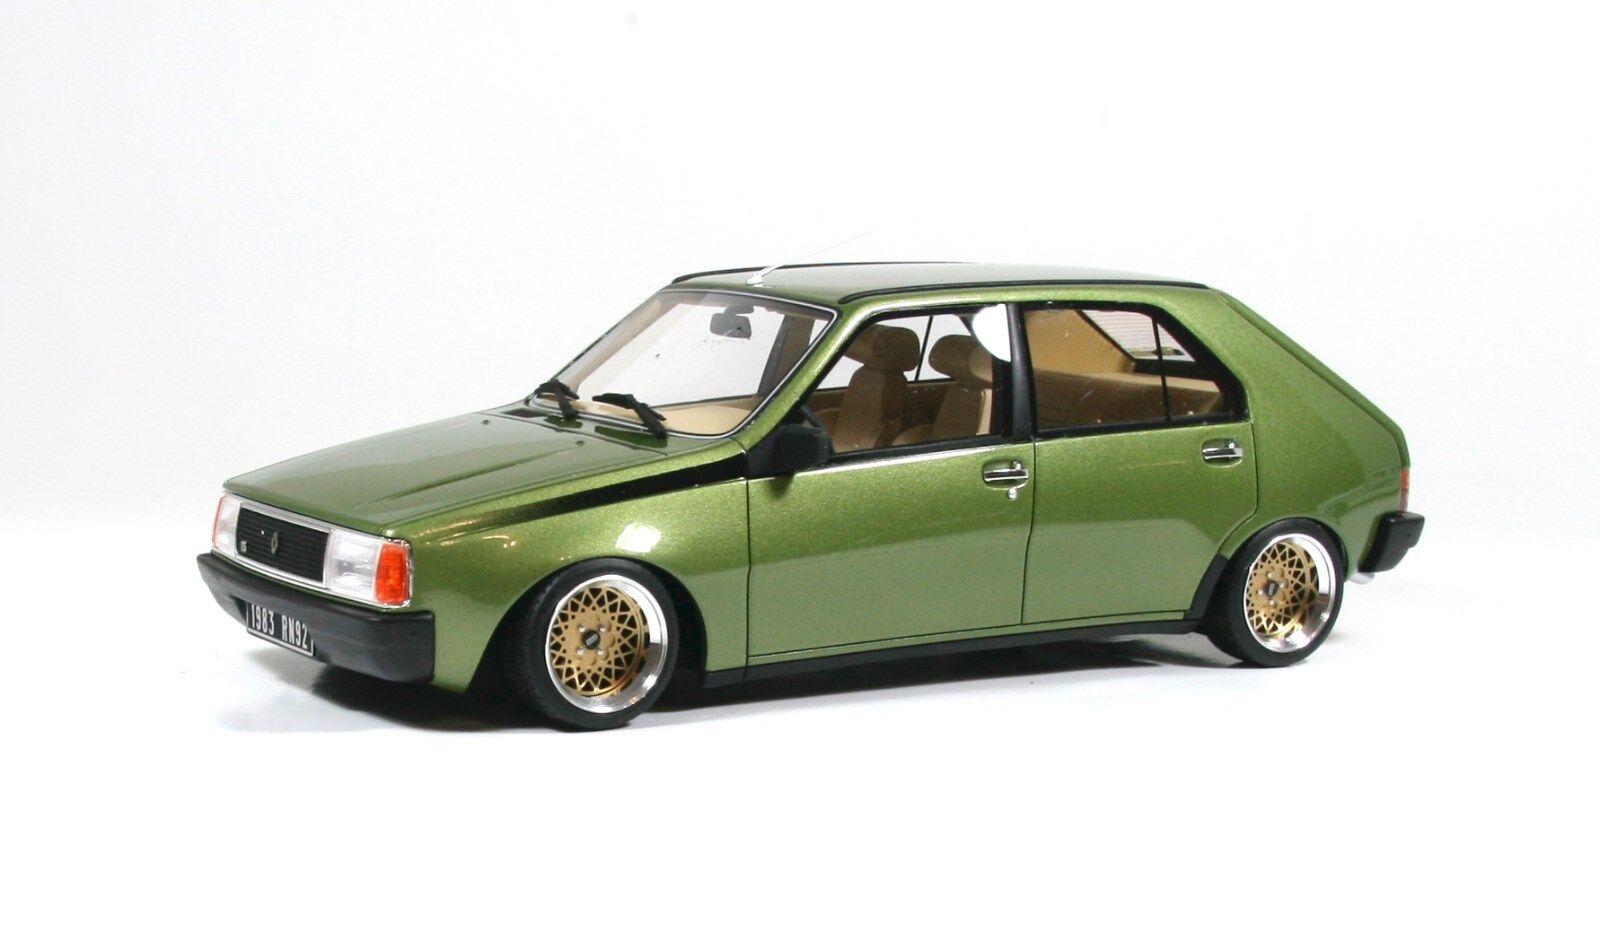 Renault 14 TS grünmetallic, BBS E30 Alufelgen 13 Zoll Umbau  1 18